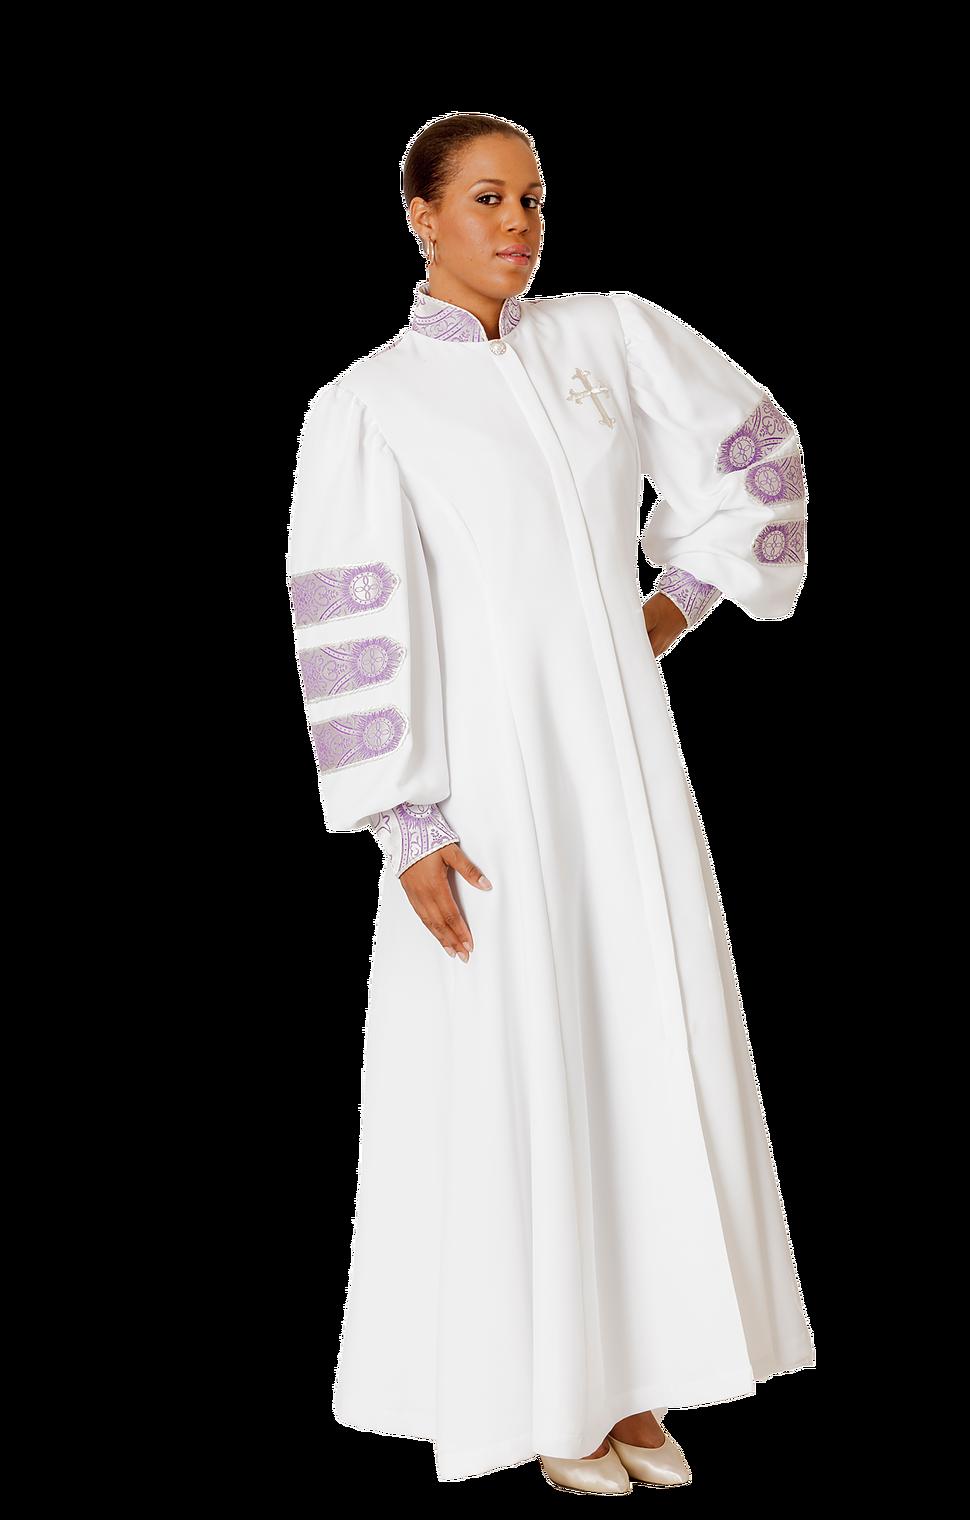 2cacd8e026b Womens Clergy Apparel